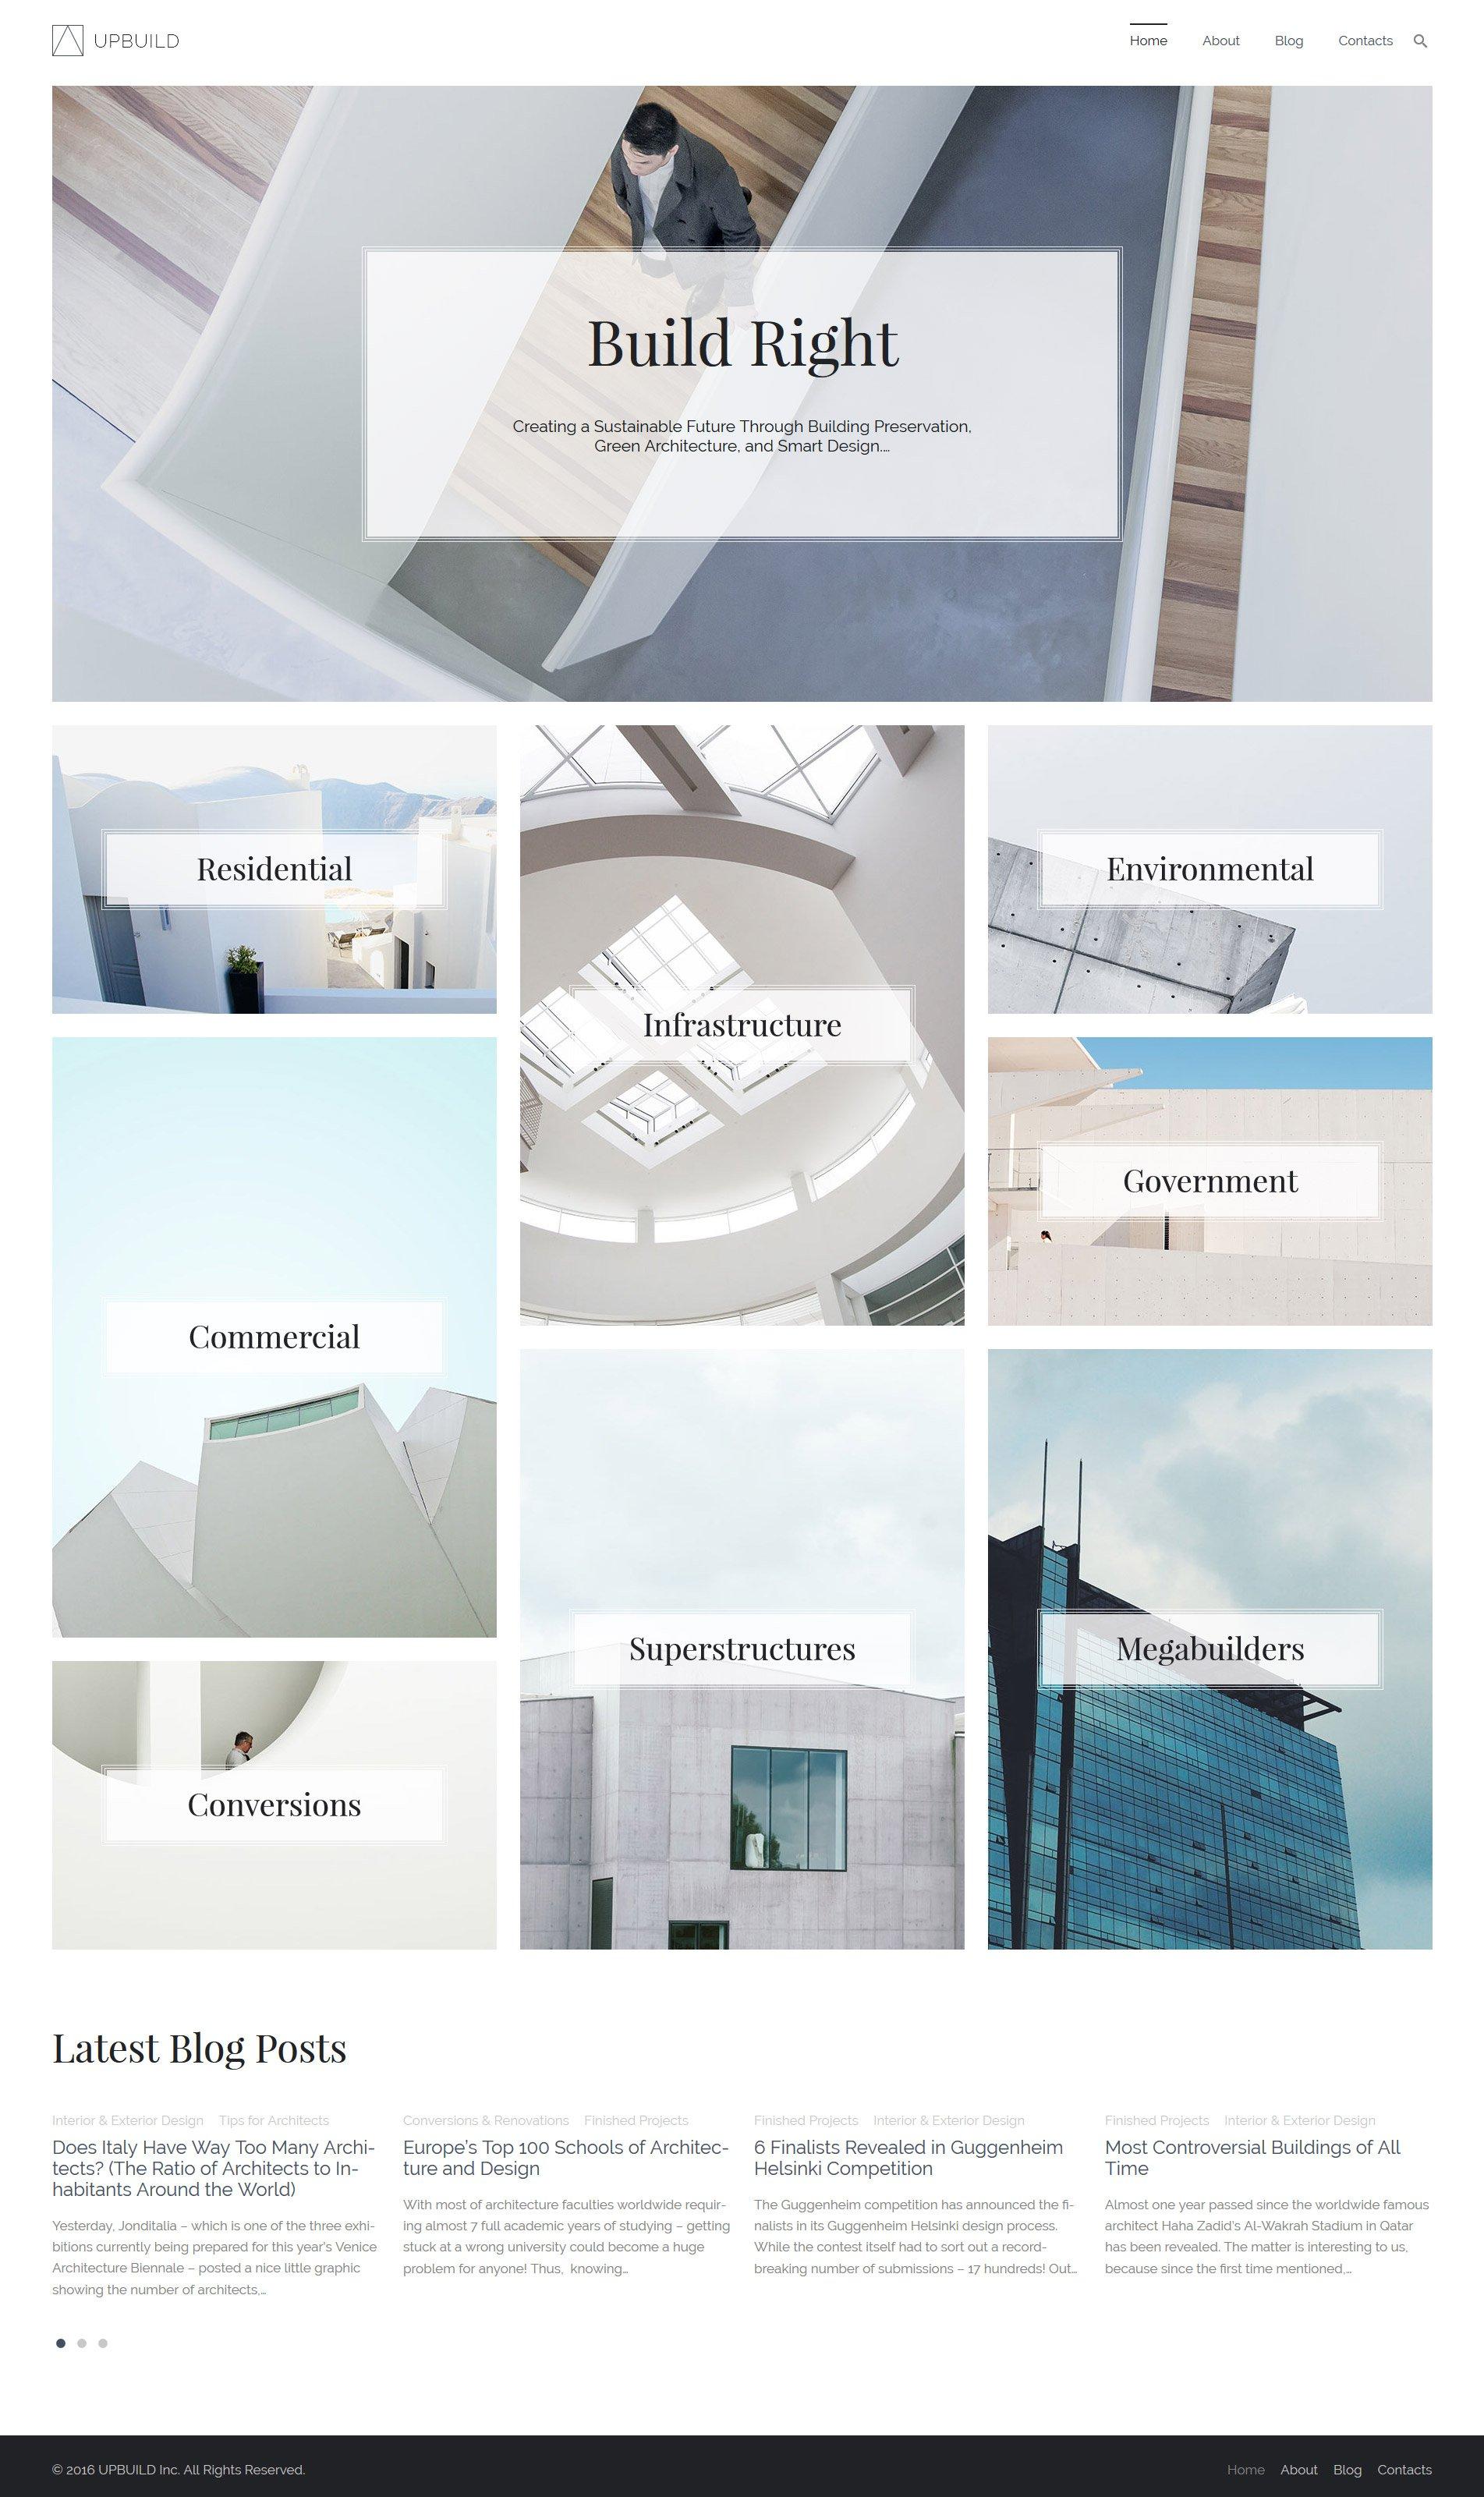 Upbuild для сайта архитектурной компании №59021 - скриншот